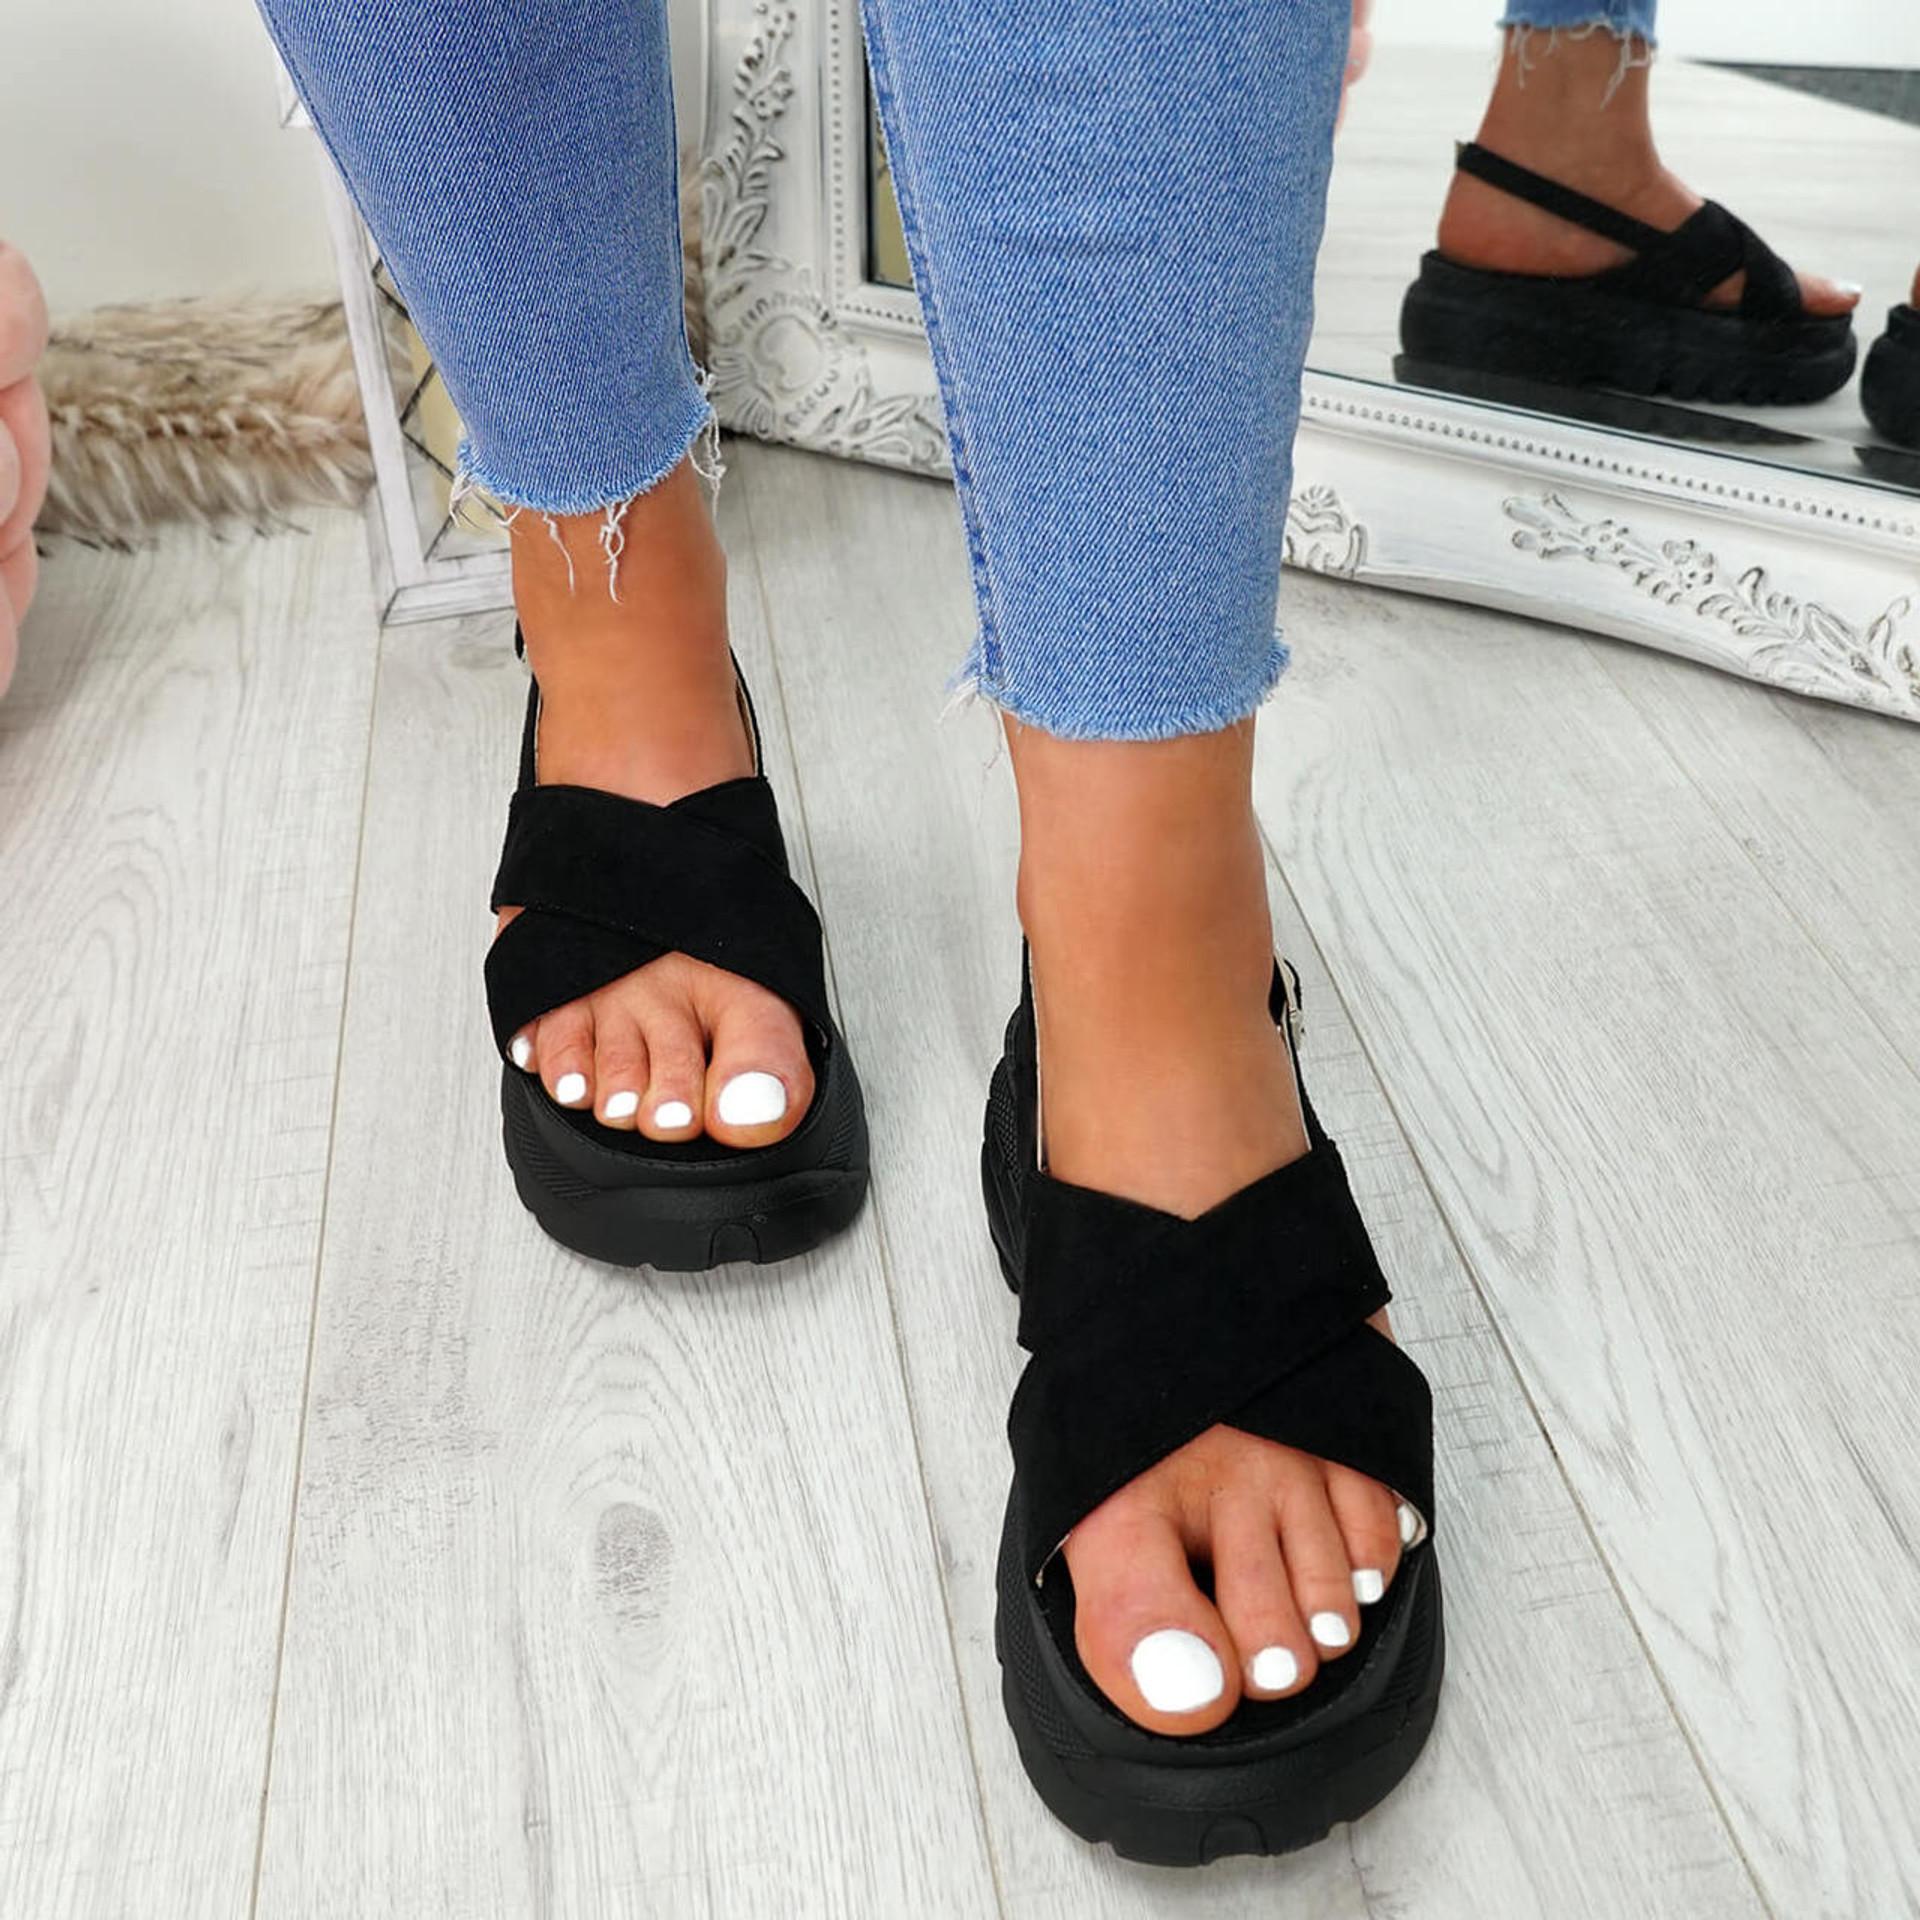 Yatta Black Peep Toe Heel Sandals